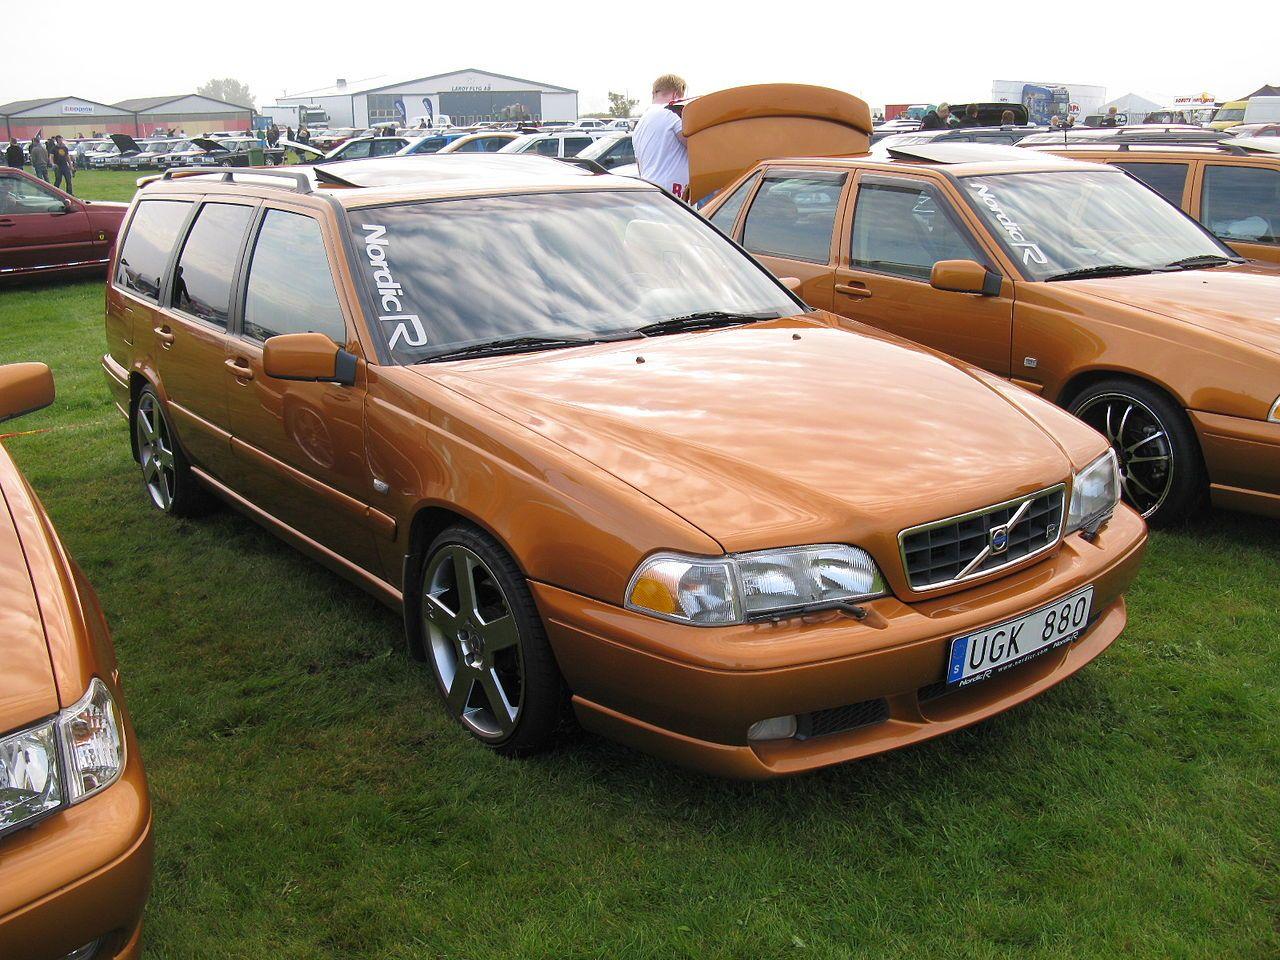 Volvo V70R AWD (6073666554) - Volvo V70 - Wikipedia, the